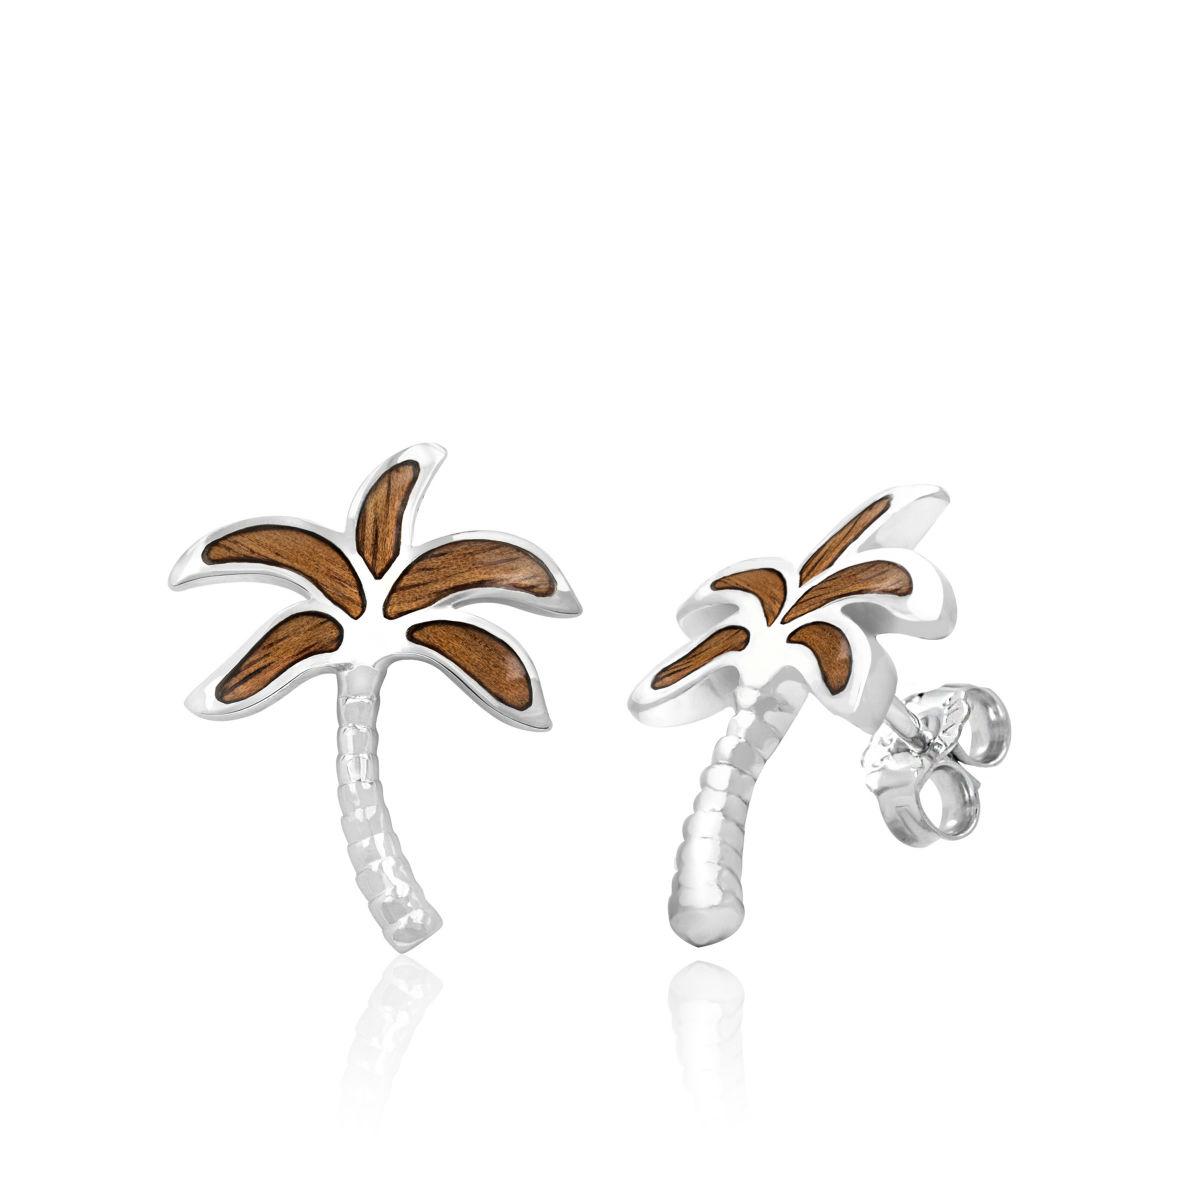 Koa Wood Sterling Silver Palm Tree Post Earrings